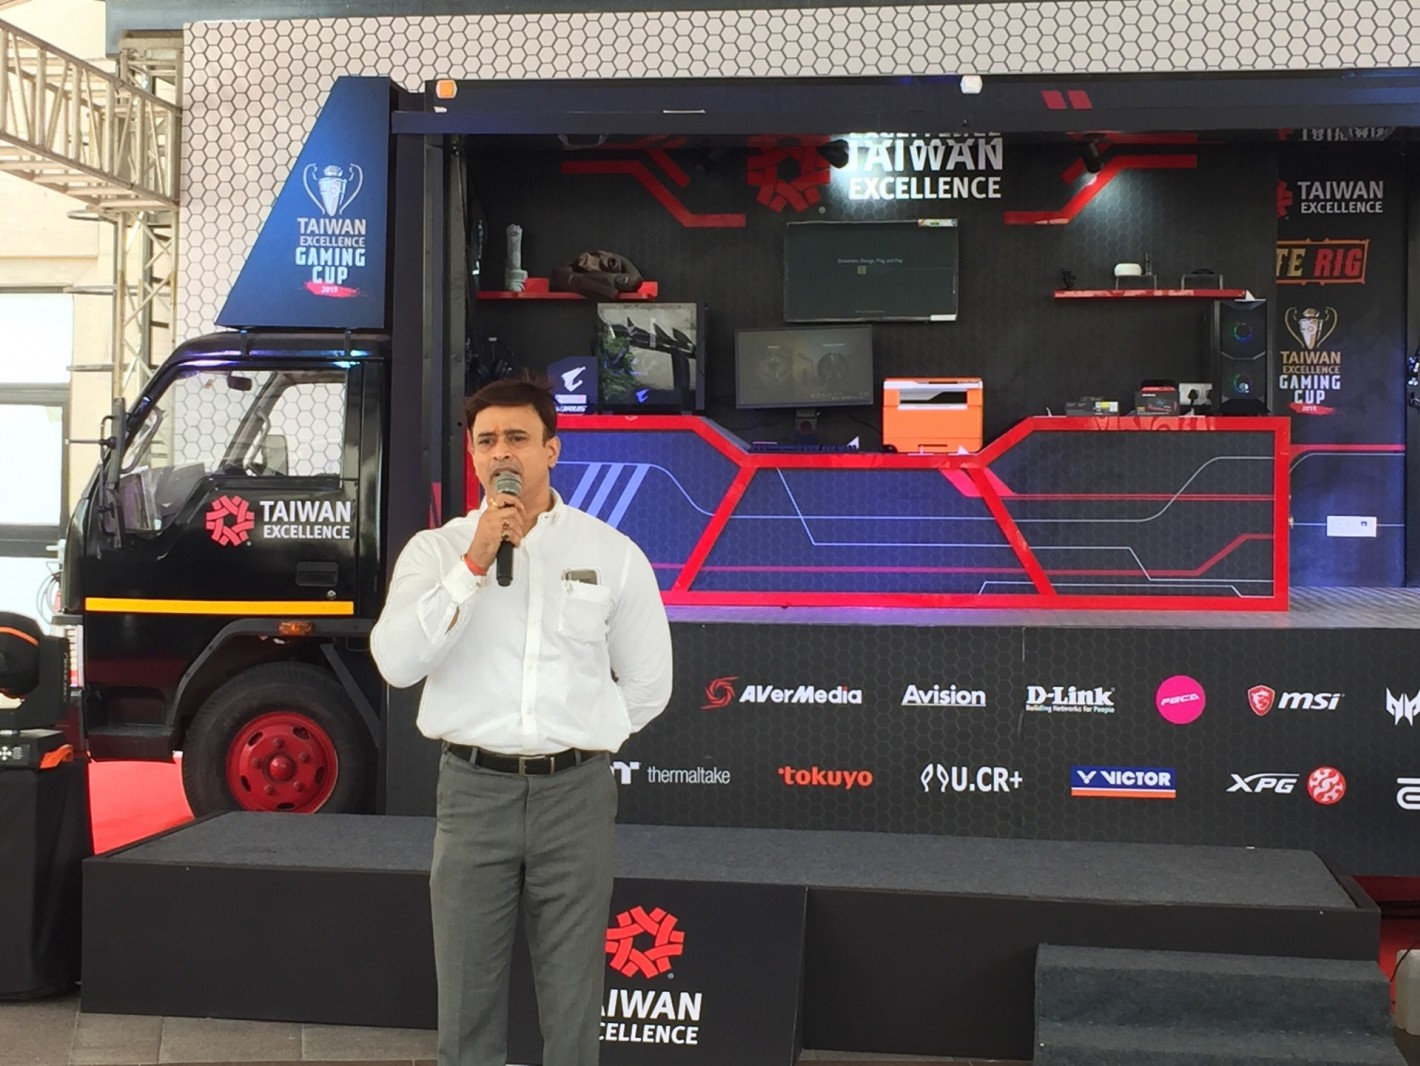 威剛代表於現場介紹該公司新款機殼、電源供應器及SSD產品介紹